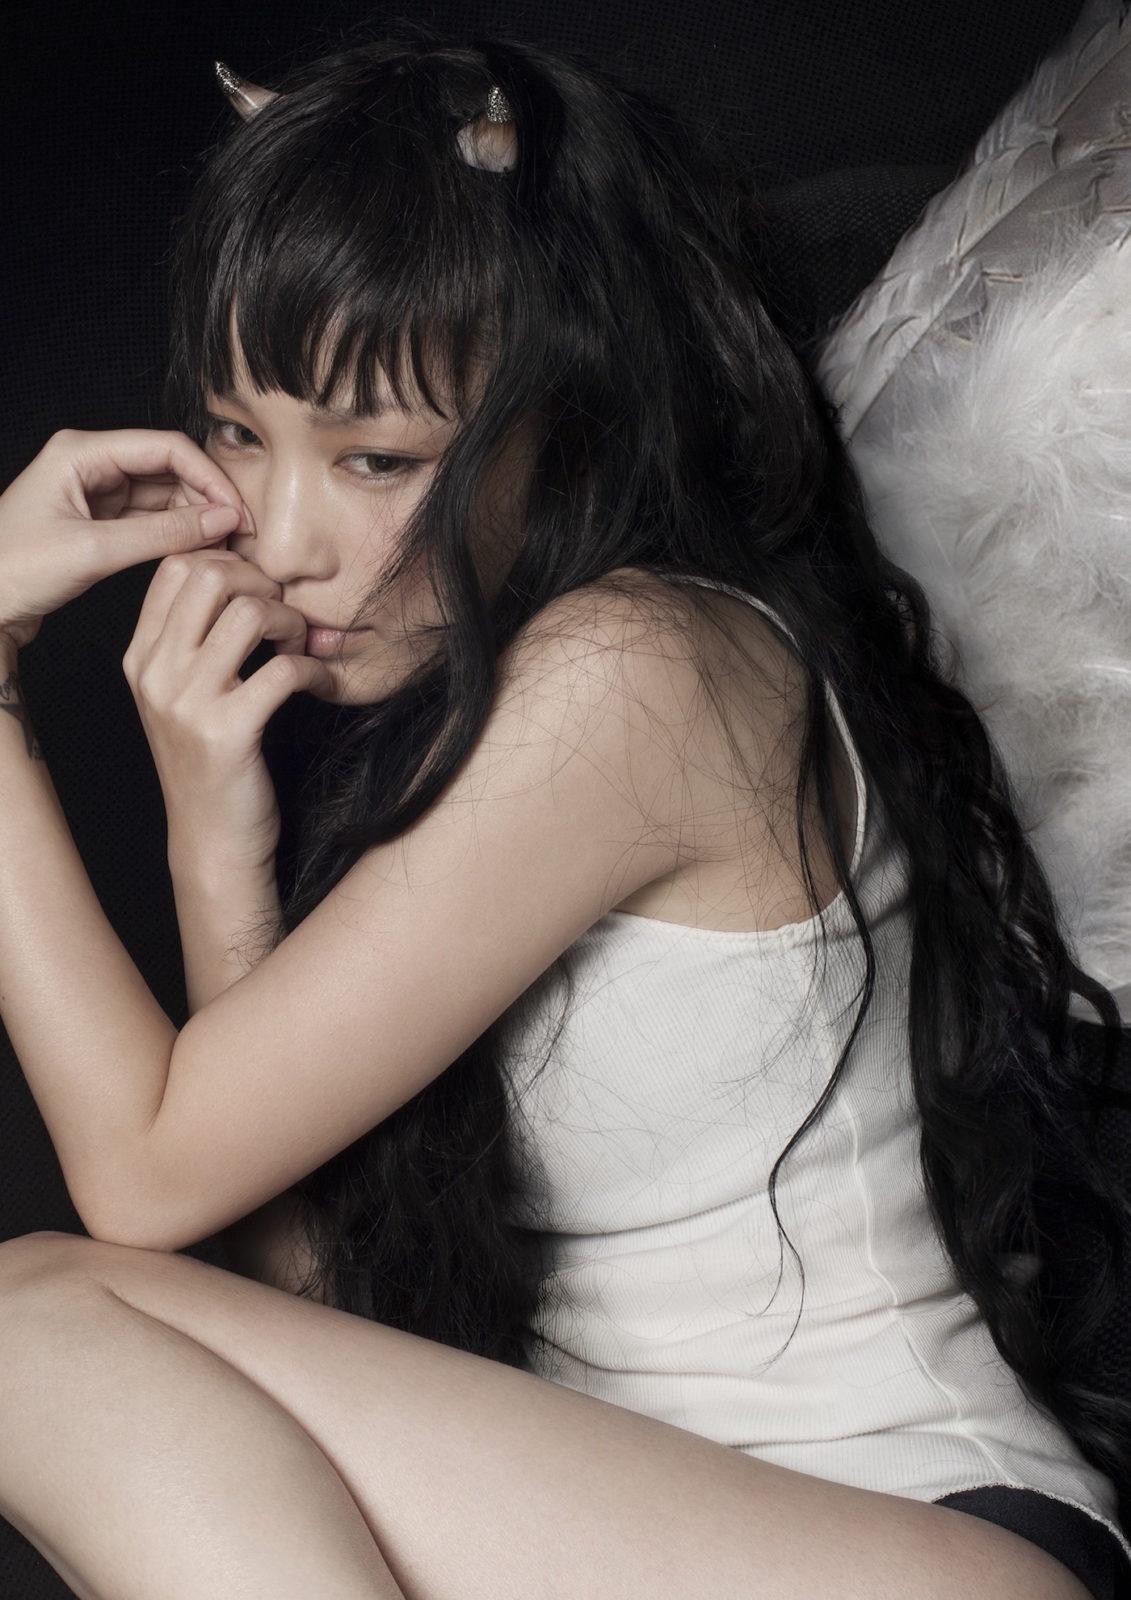 中島美嘉 新曲「KISS OF DEATH(Produced by HYDE)」ミュージックビデオフルバージョン48時間限定公開決定サムネイル画像